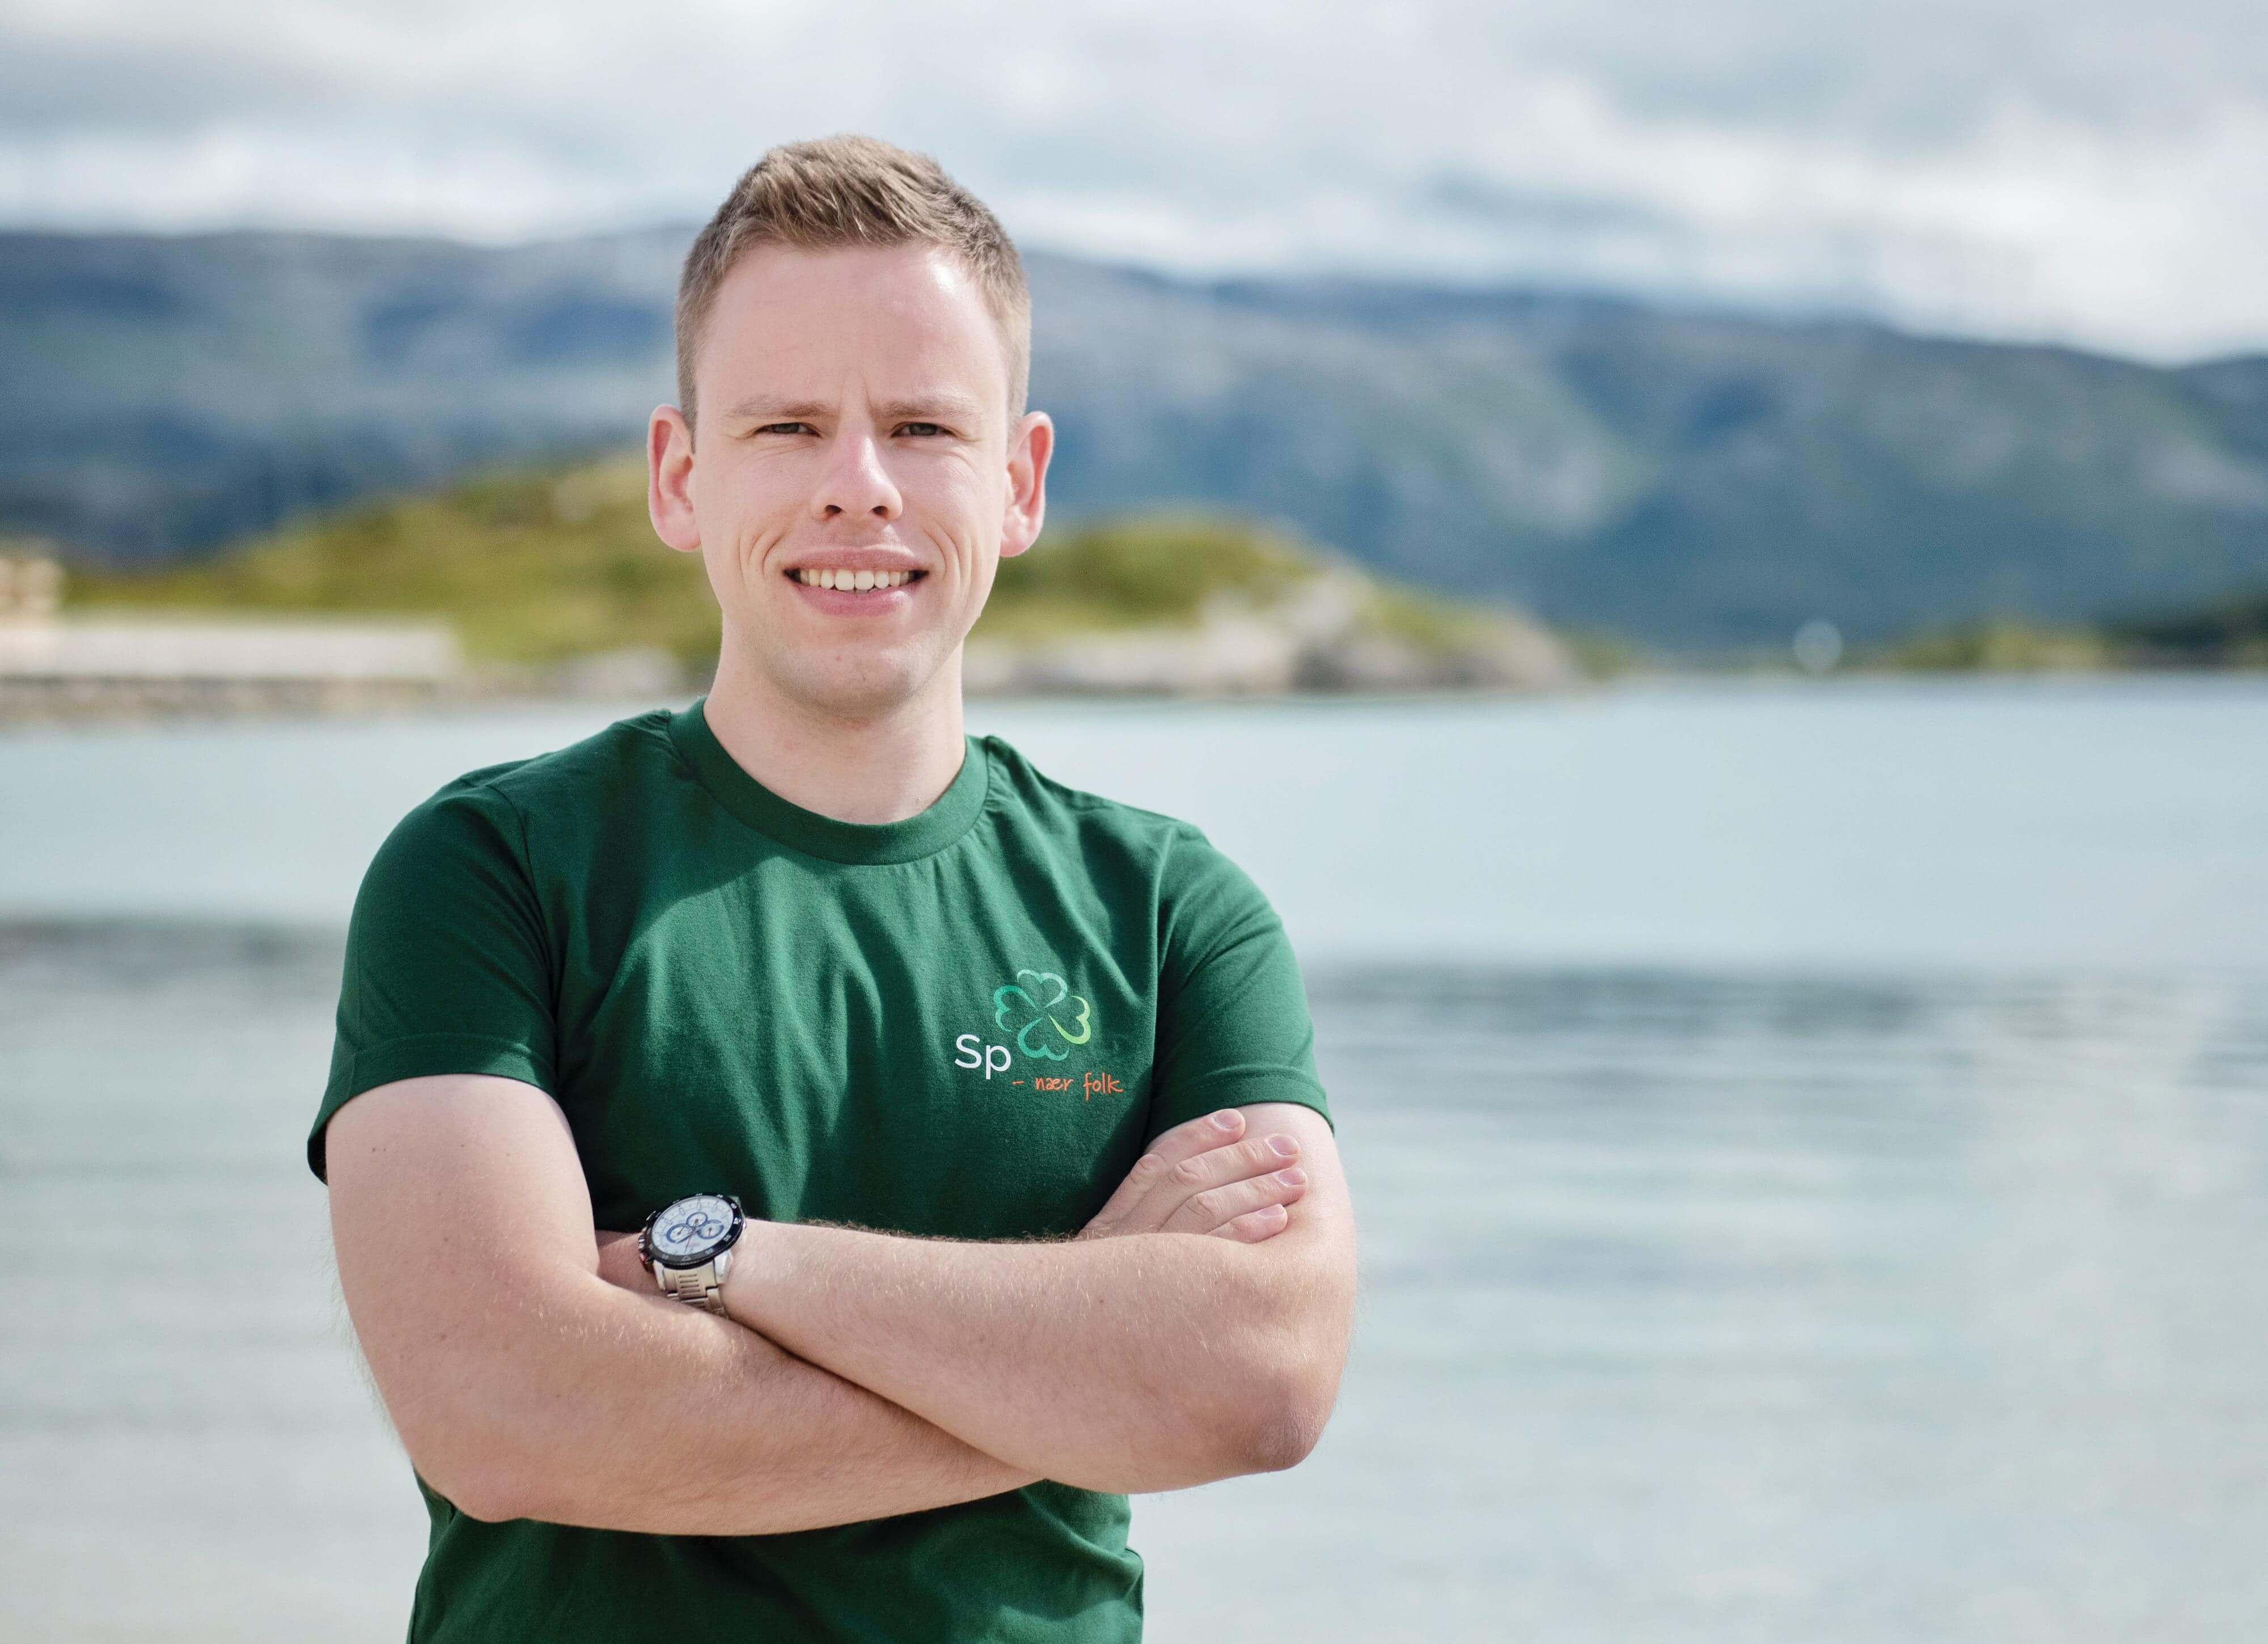 Skjalg Hamnes, Stortingskandidat Nordland Senterparti, Sentralstyremedlem Senterungdommen. Foto: Eirill DeLong